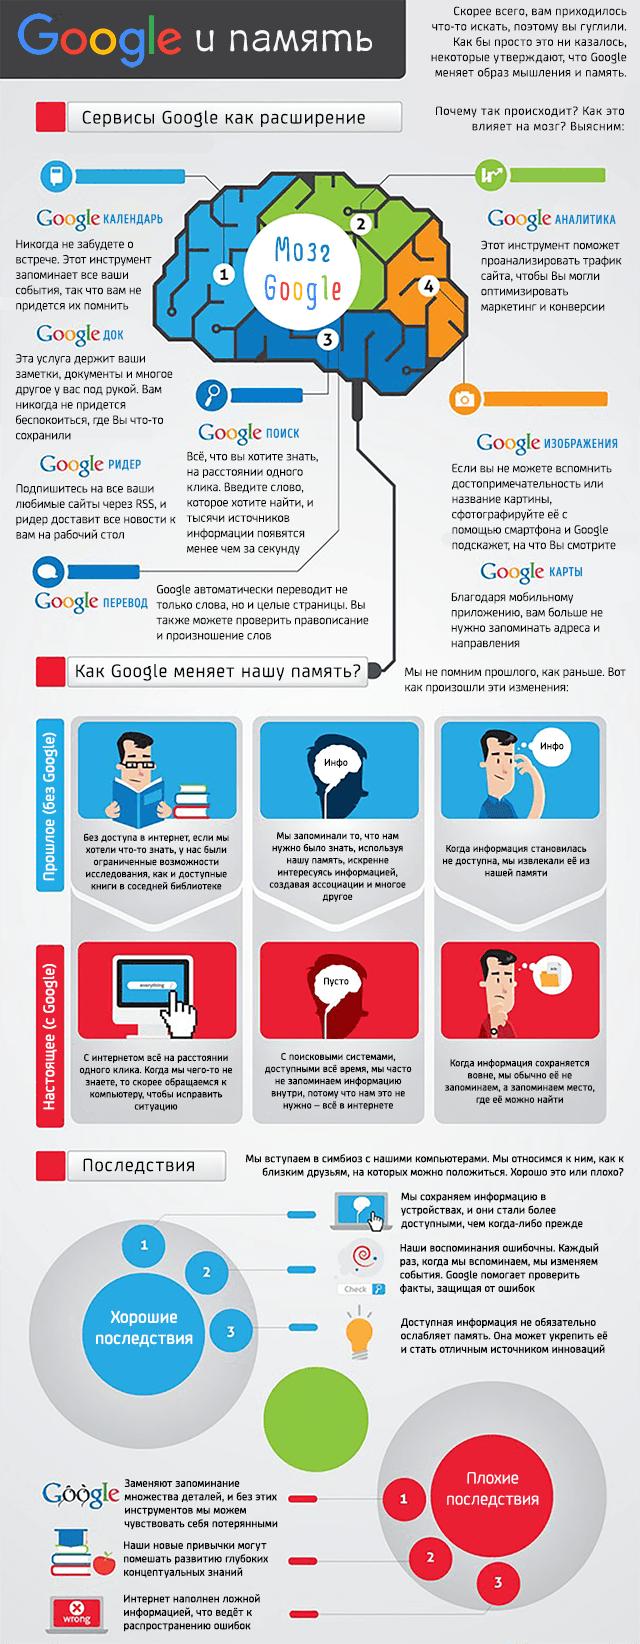 Как интернет влияет на разум человека